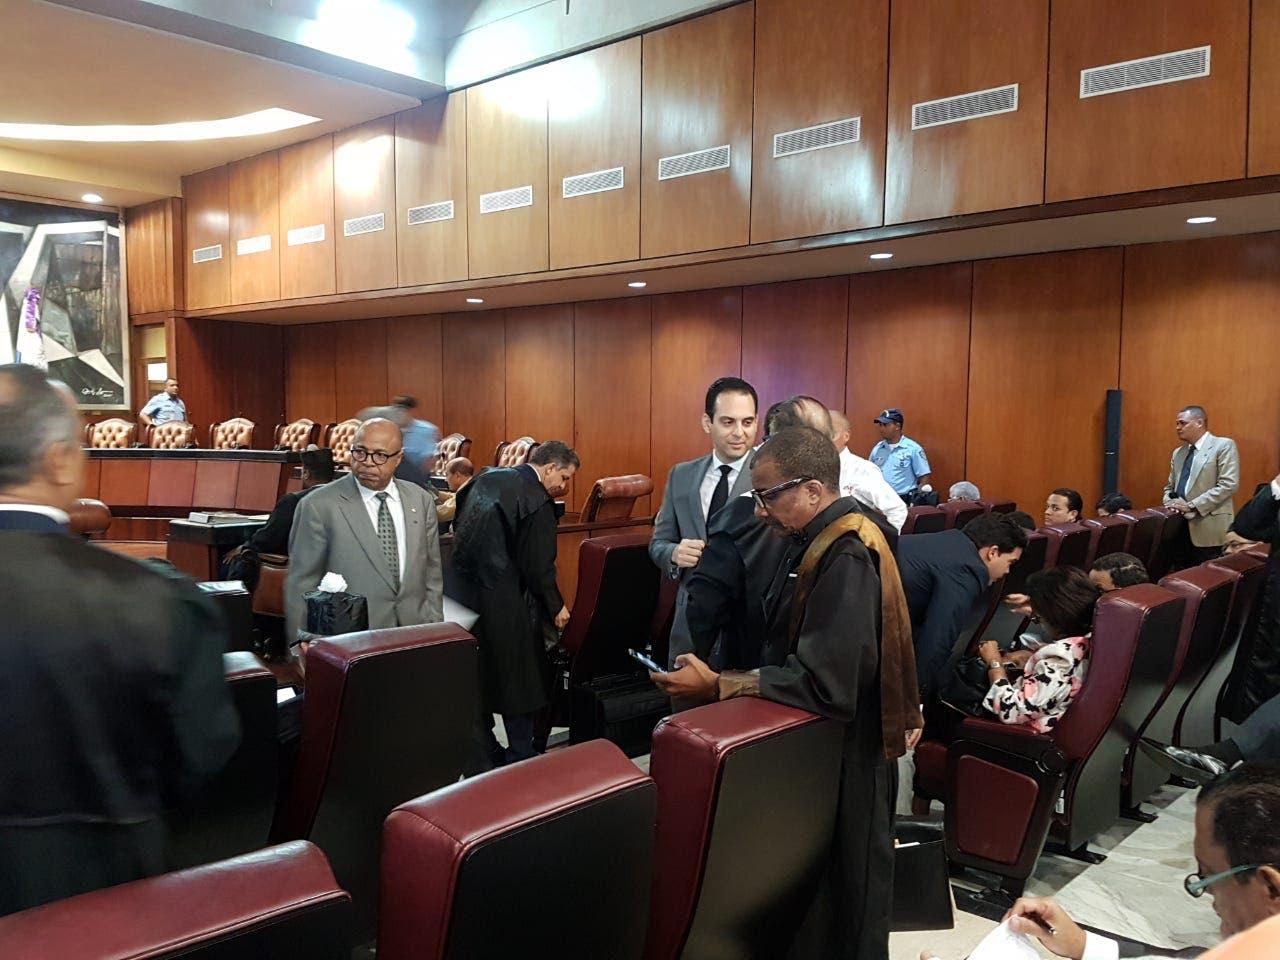 Juez dominicano aplaza audiencia de Caso Odebrecht